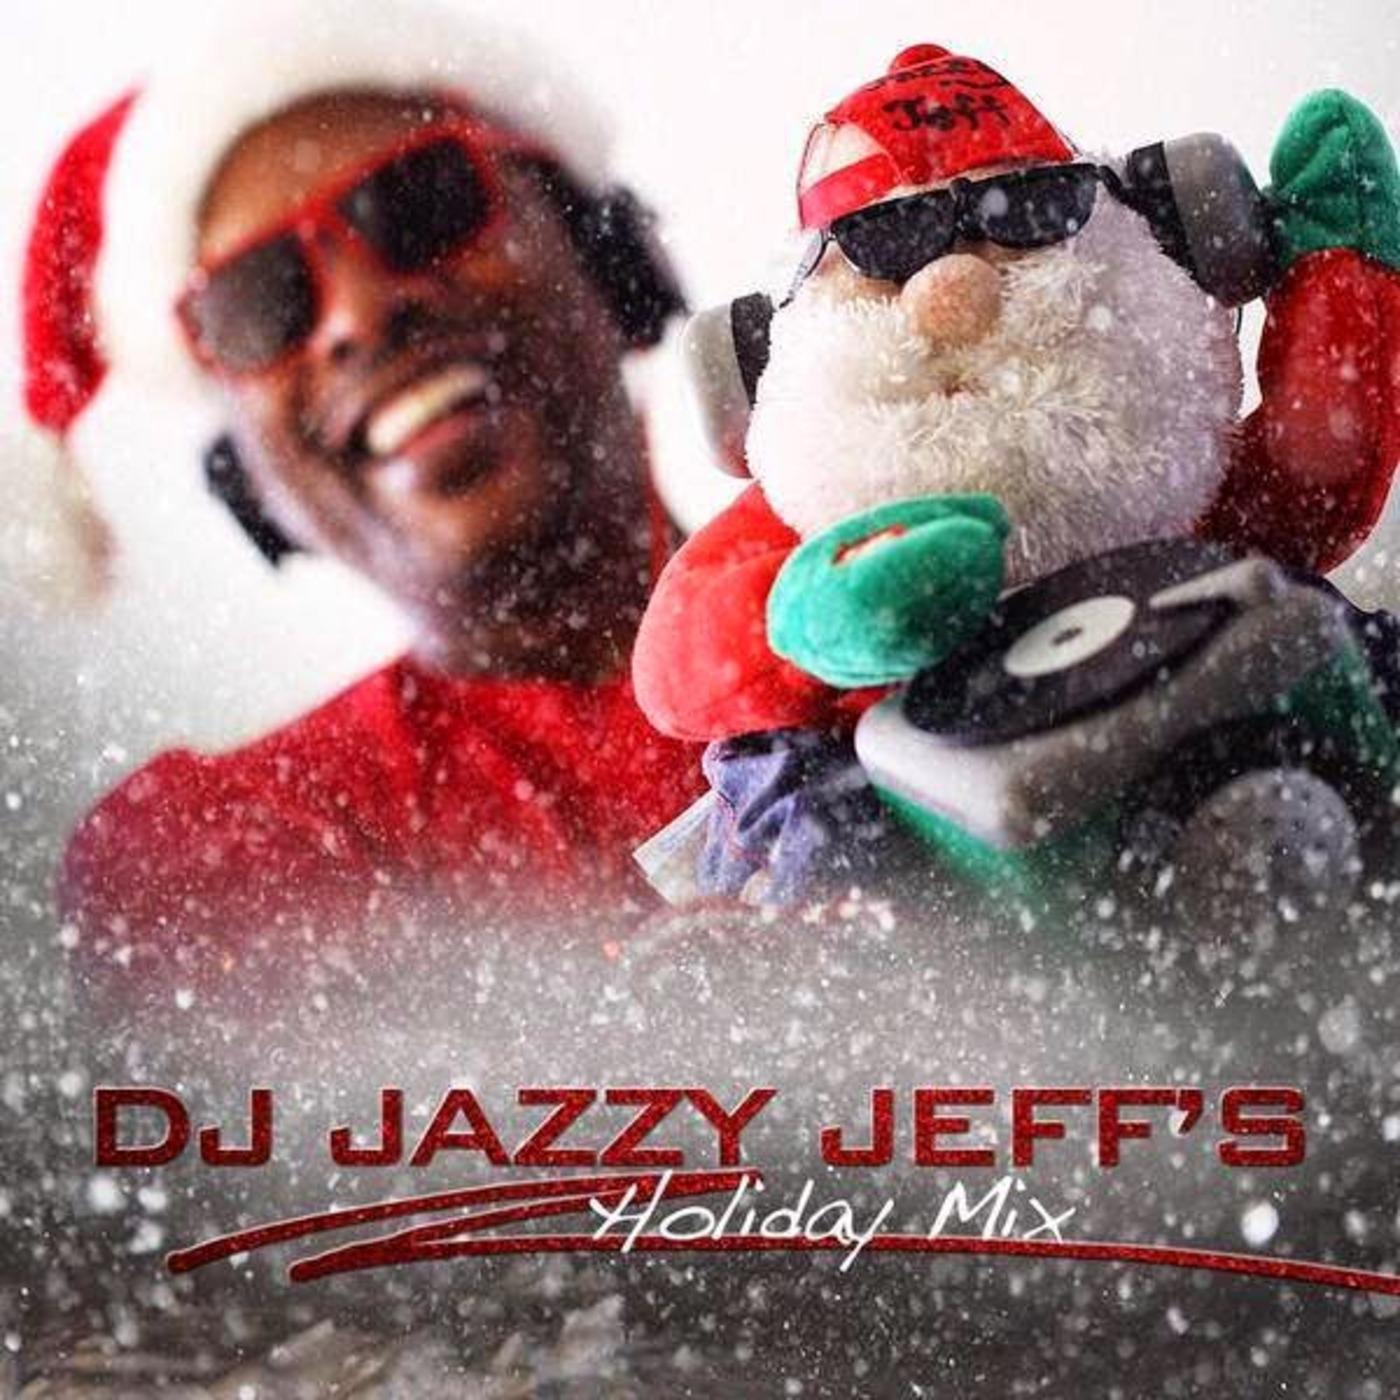 DJ Jazzy Jeff's Holiday Mix THEMIXLAB podcast